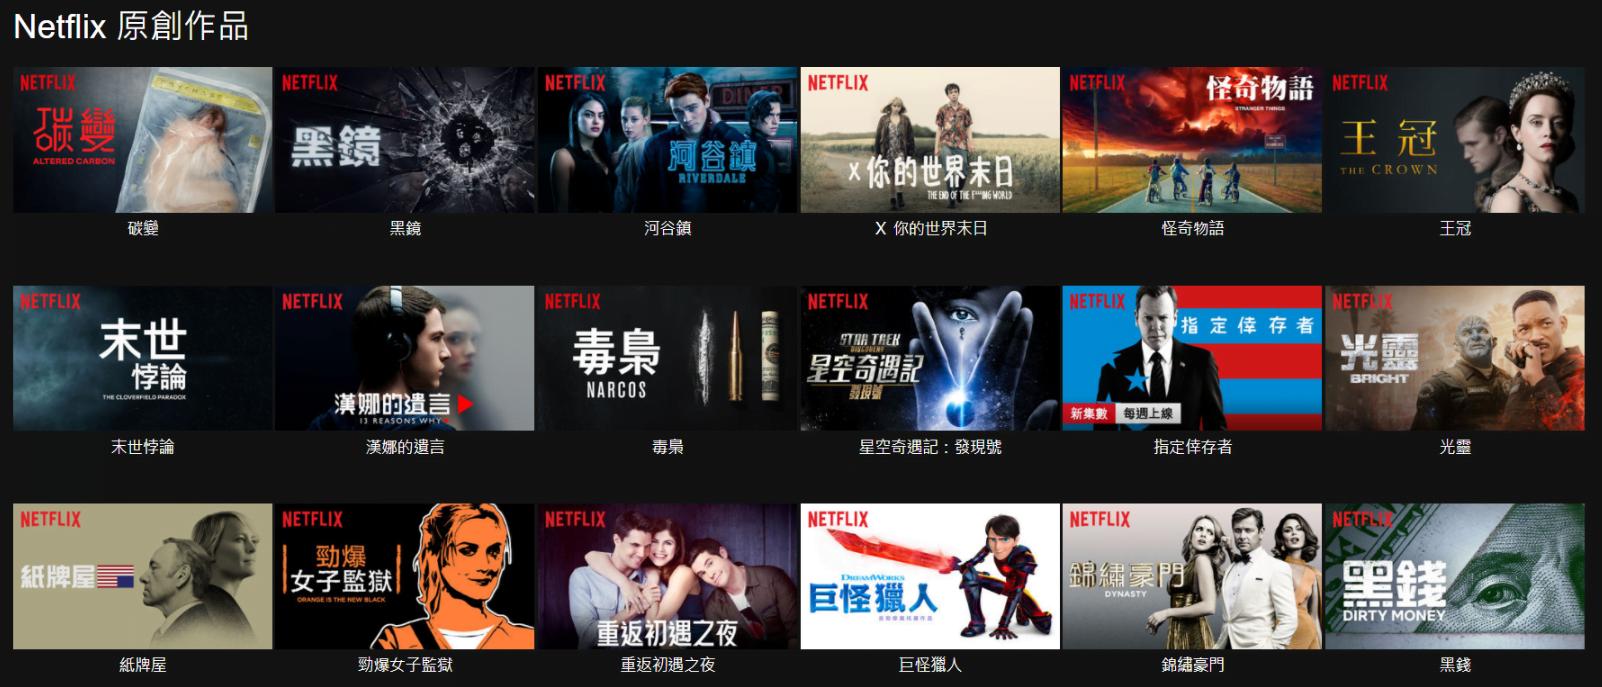 Netflix 不看 4K UHD 畫質太可惜,3 個必備條件讓你春節連假耍廢追劇 ...